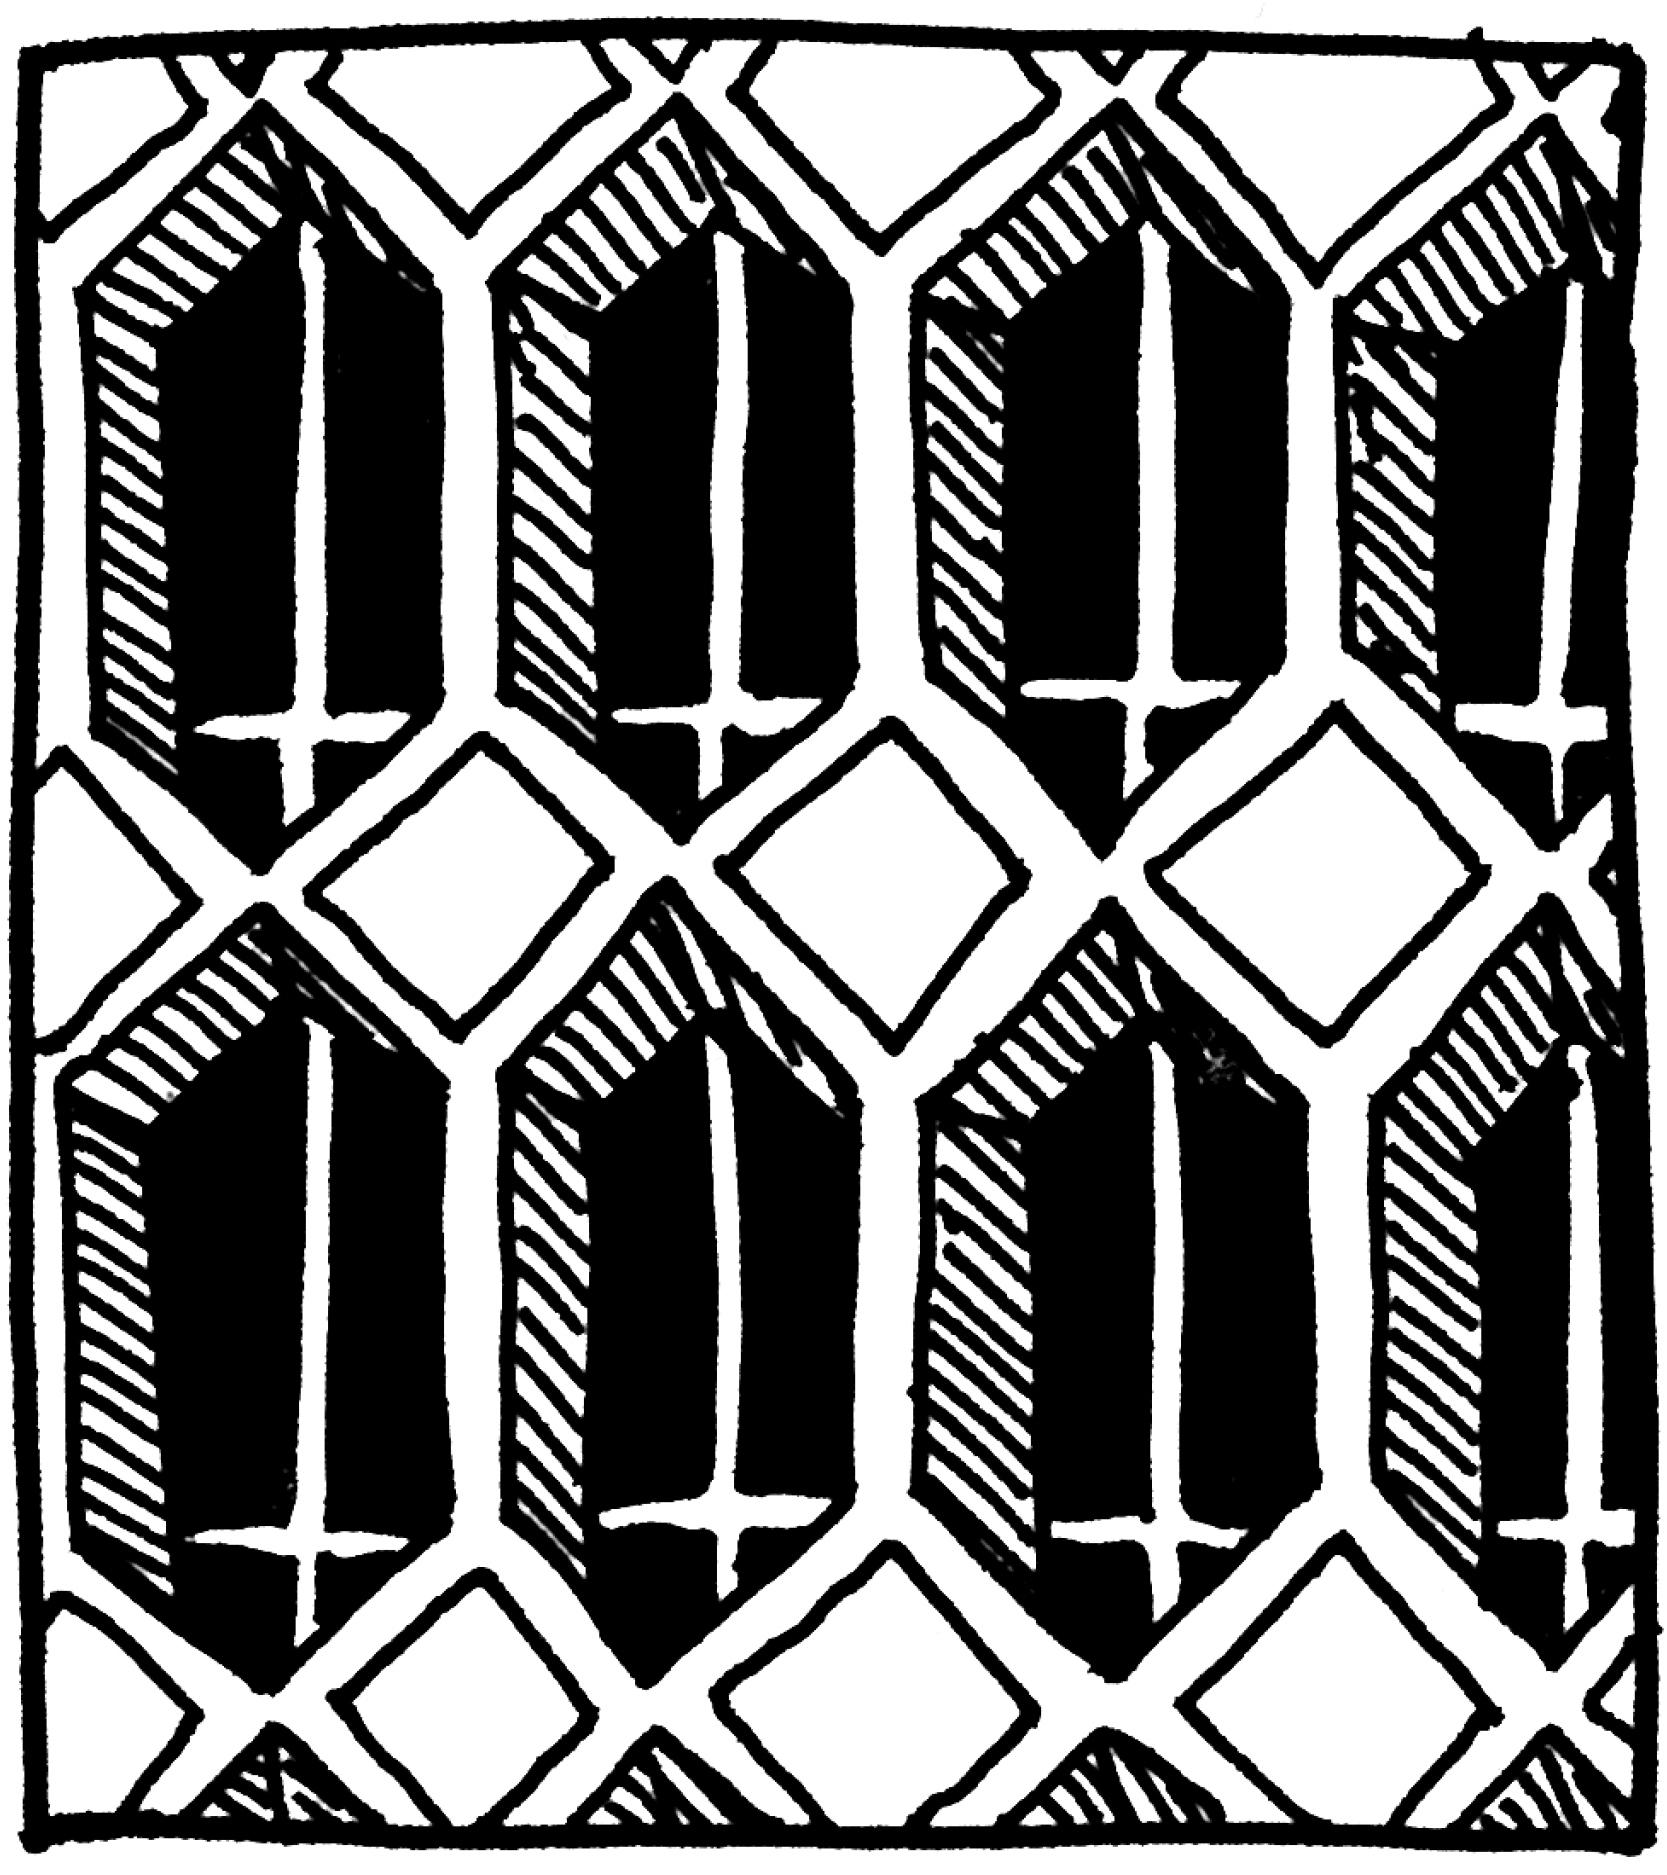 Valencia_patterns23.jpg